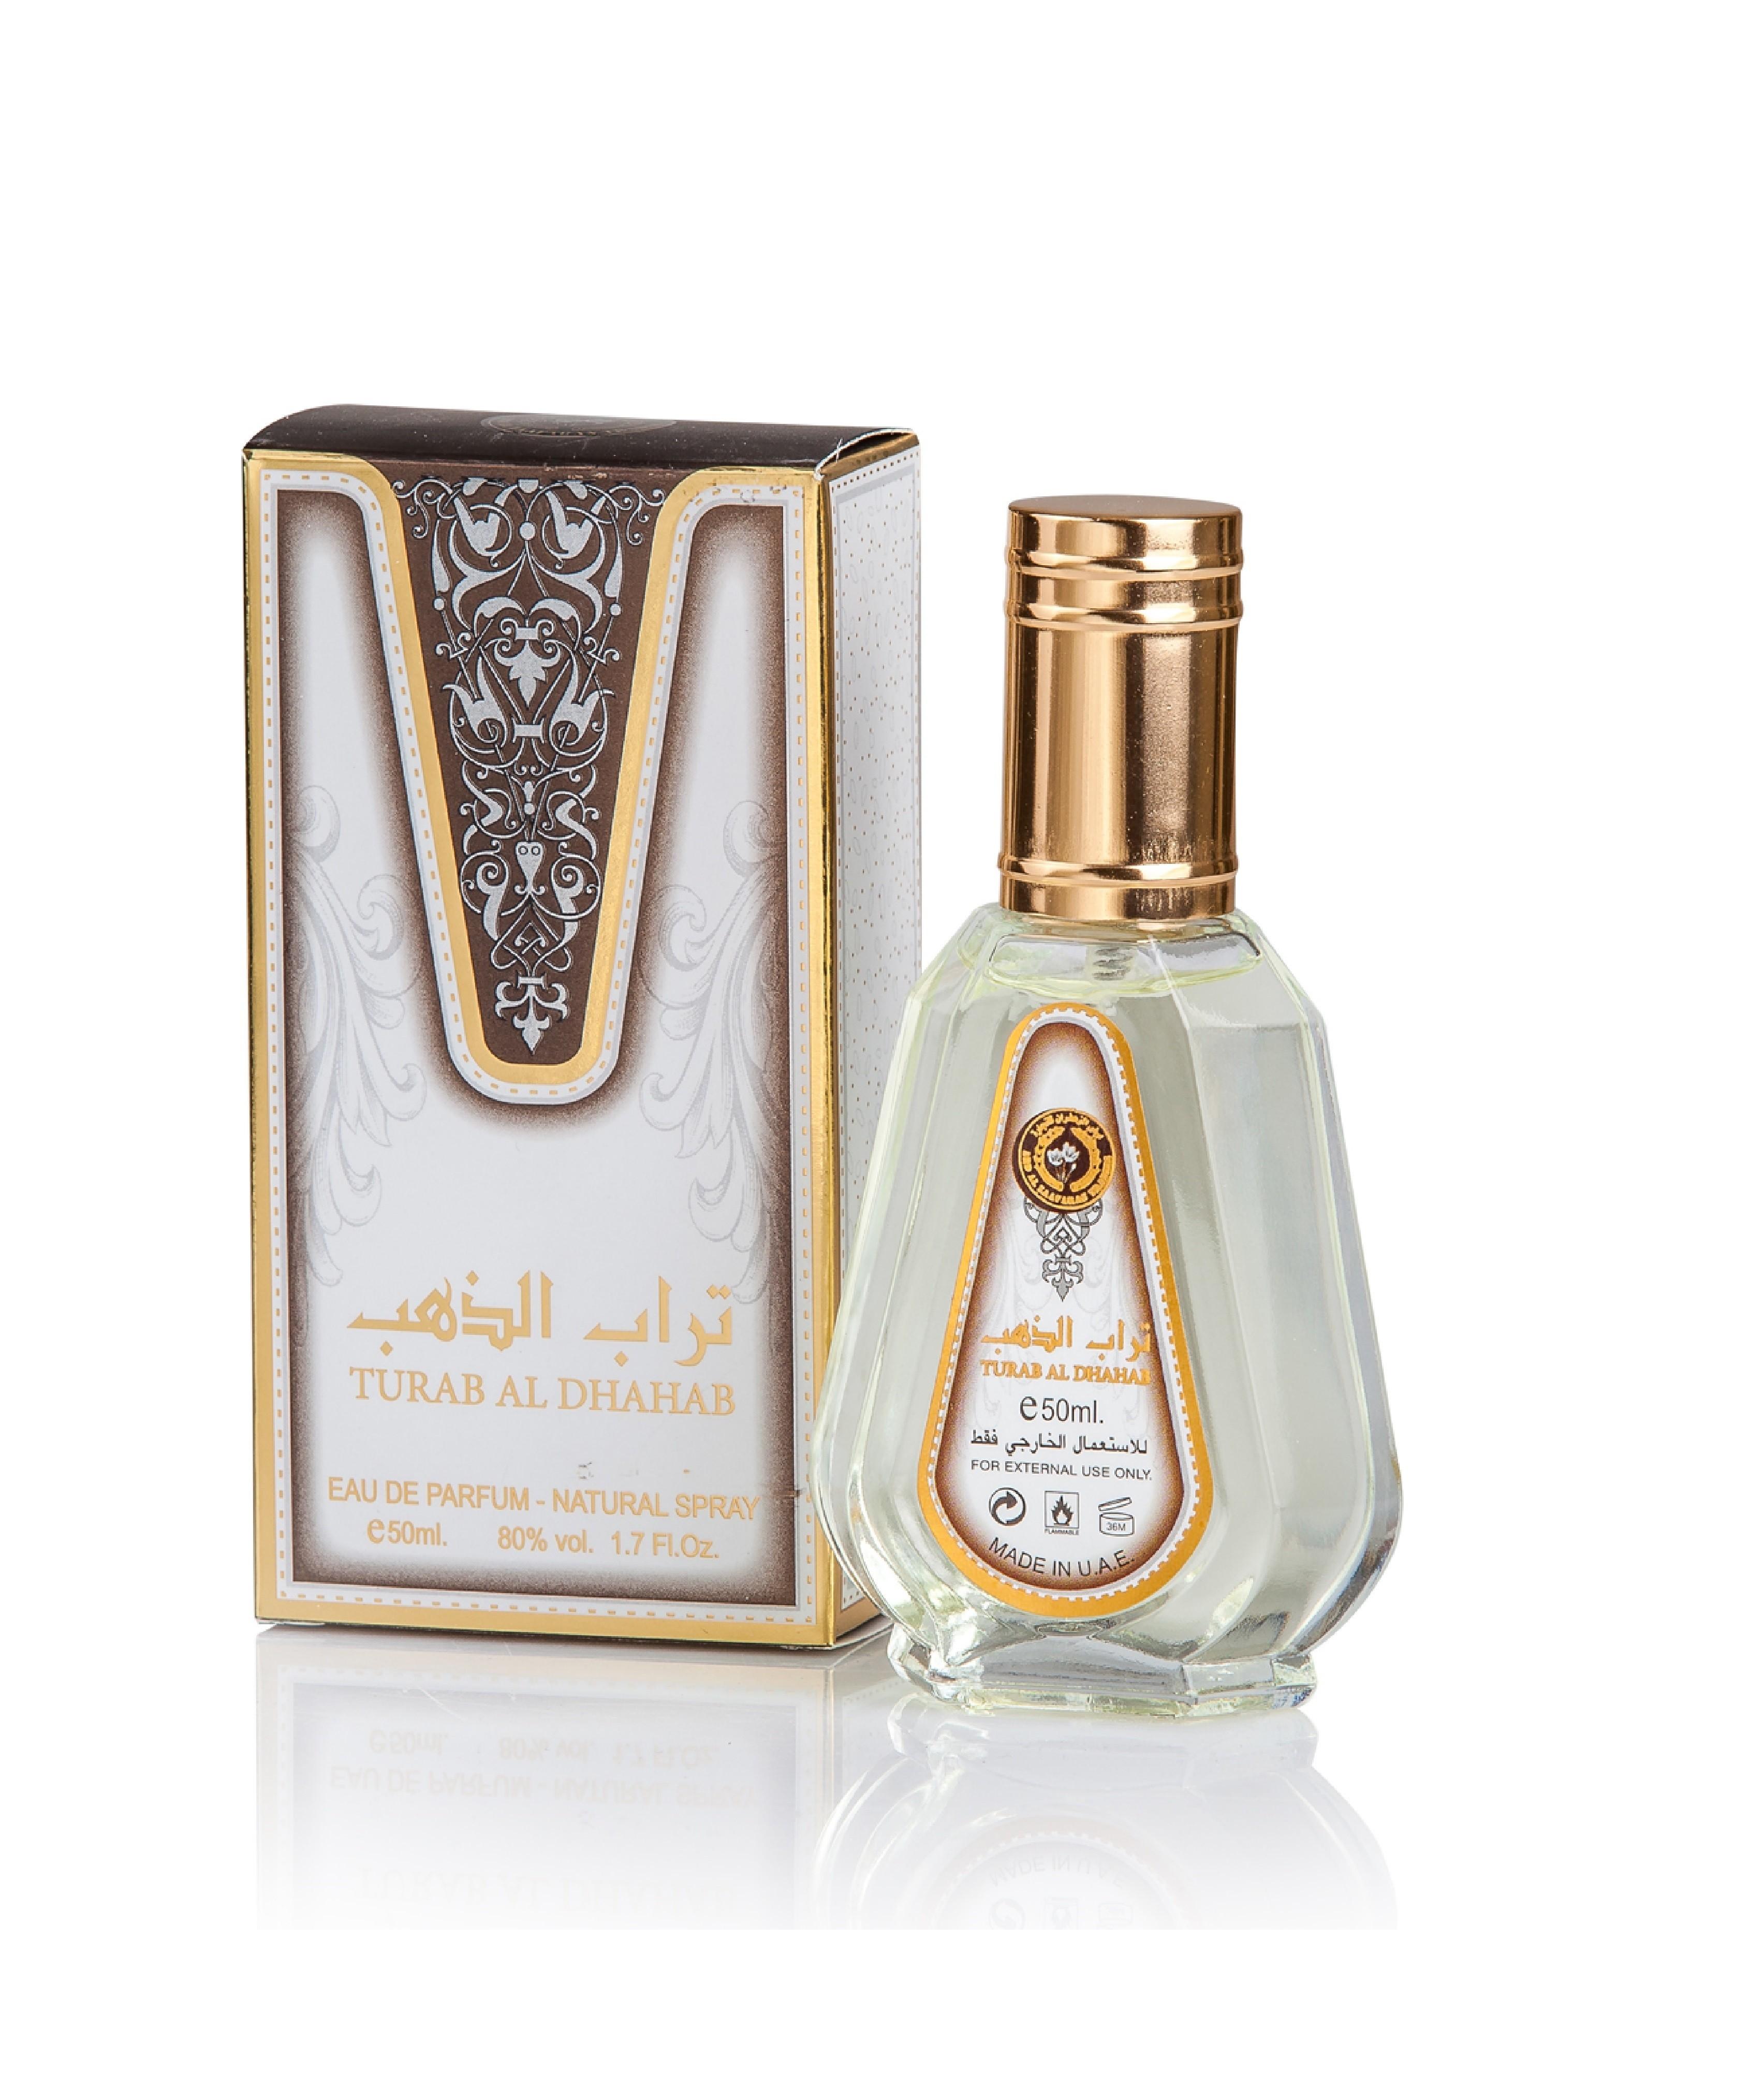 Turab Al Dhahab 50 ml